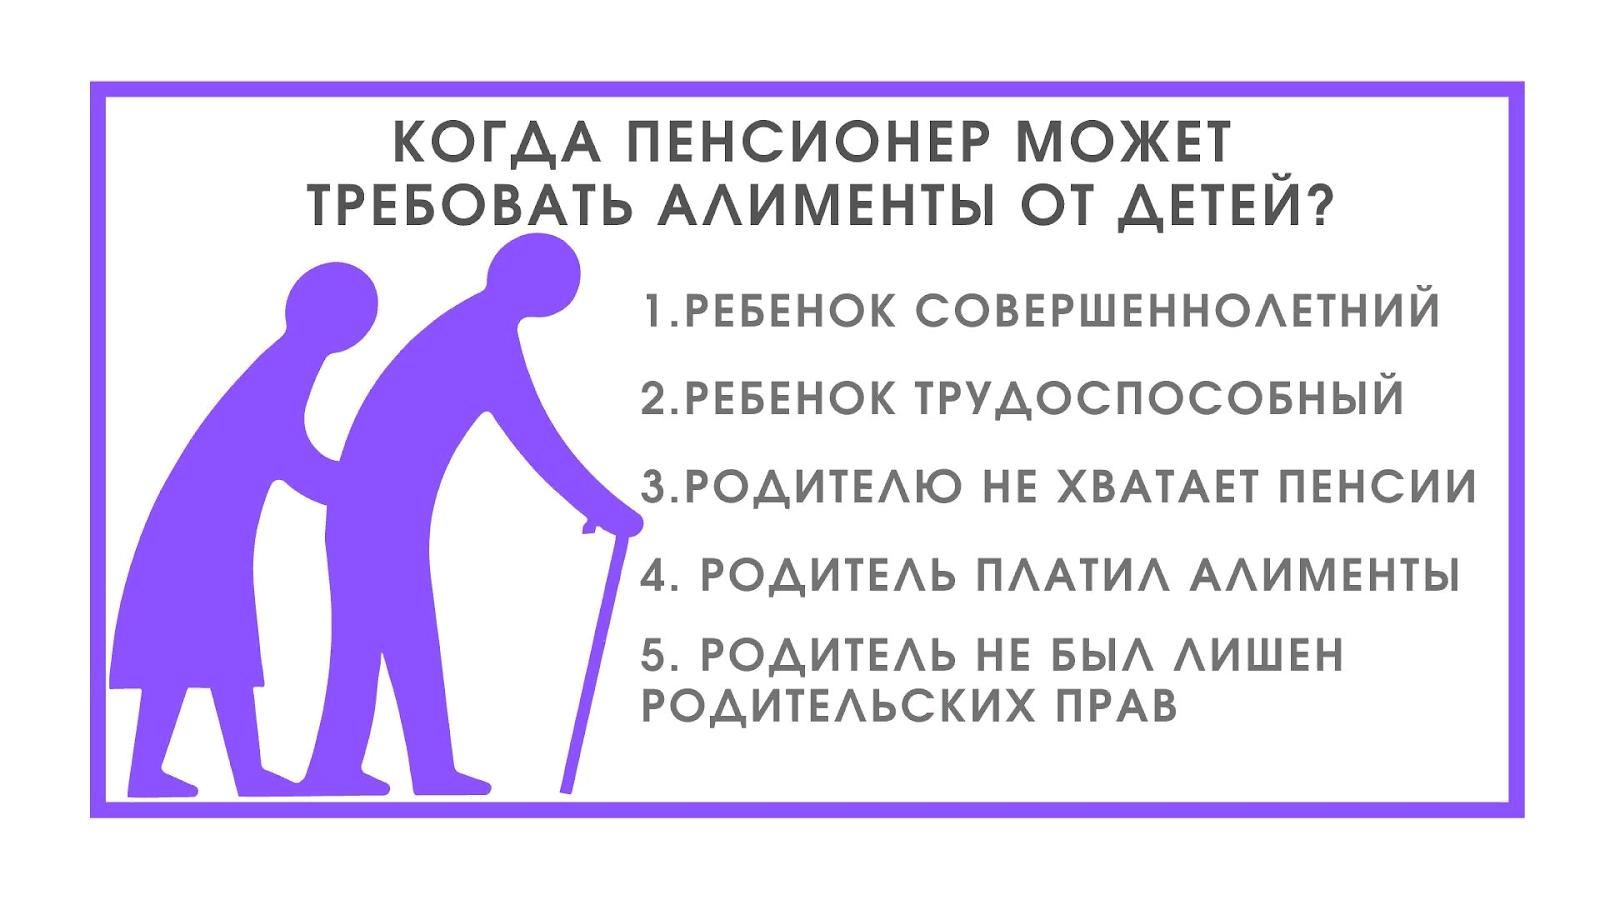 k9ARcBcunvfq6imGs EuE3i3ifq3A2XdDy0XUIBPwJSec 2HcWlnLb Как взыскать алименты на родителей-пенсионеров и алименты с пенсионера на ребенка